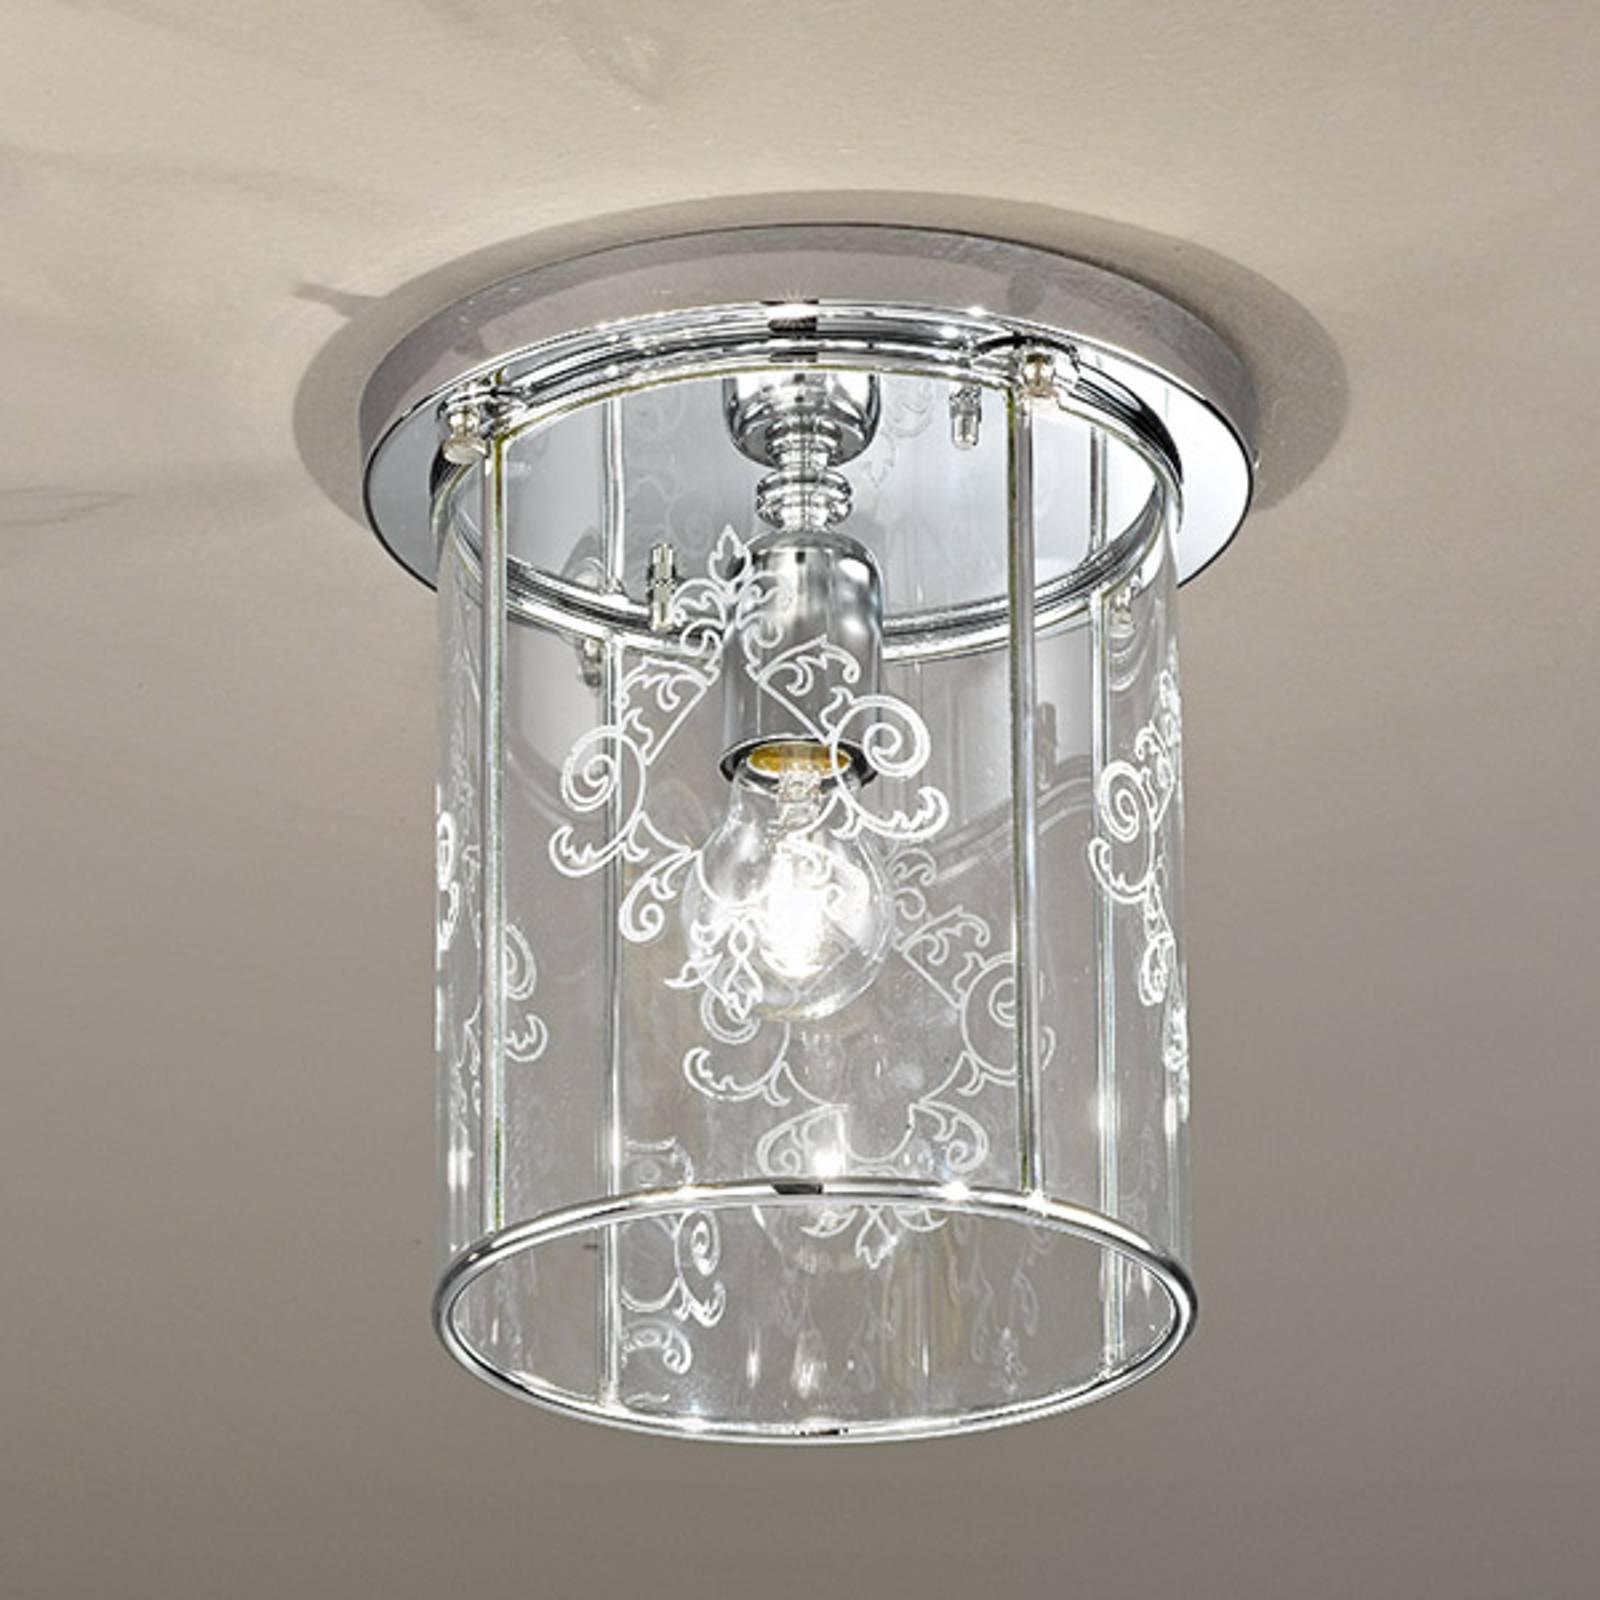 Greta-kattovalaisin, koristeltu kristallilasi